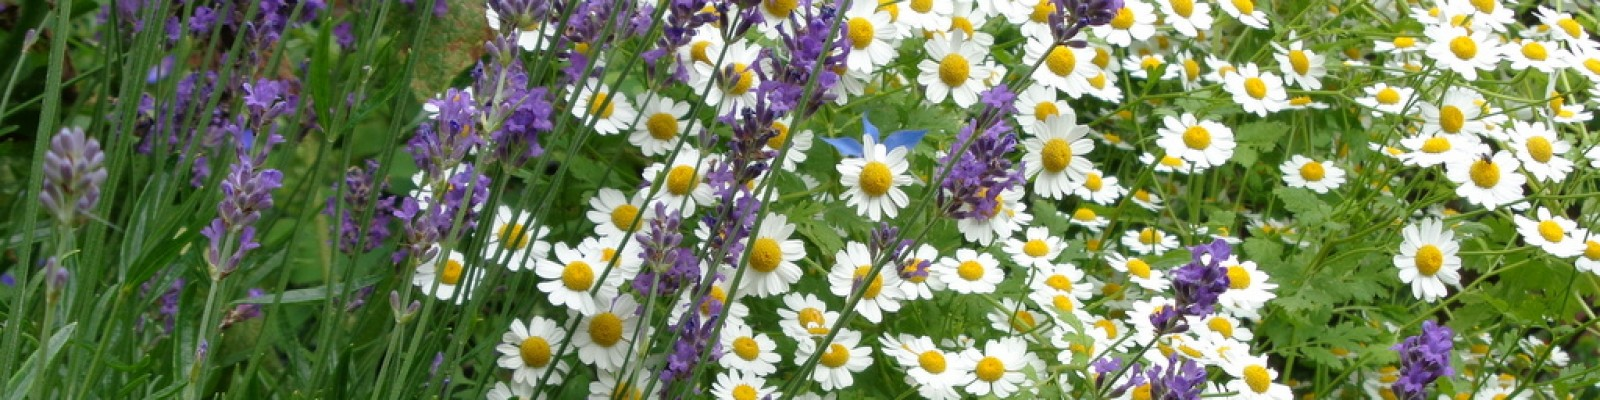 Contact tuinontwerp groningen friesland en drenthe for Wat kost een tuinontwerp